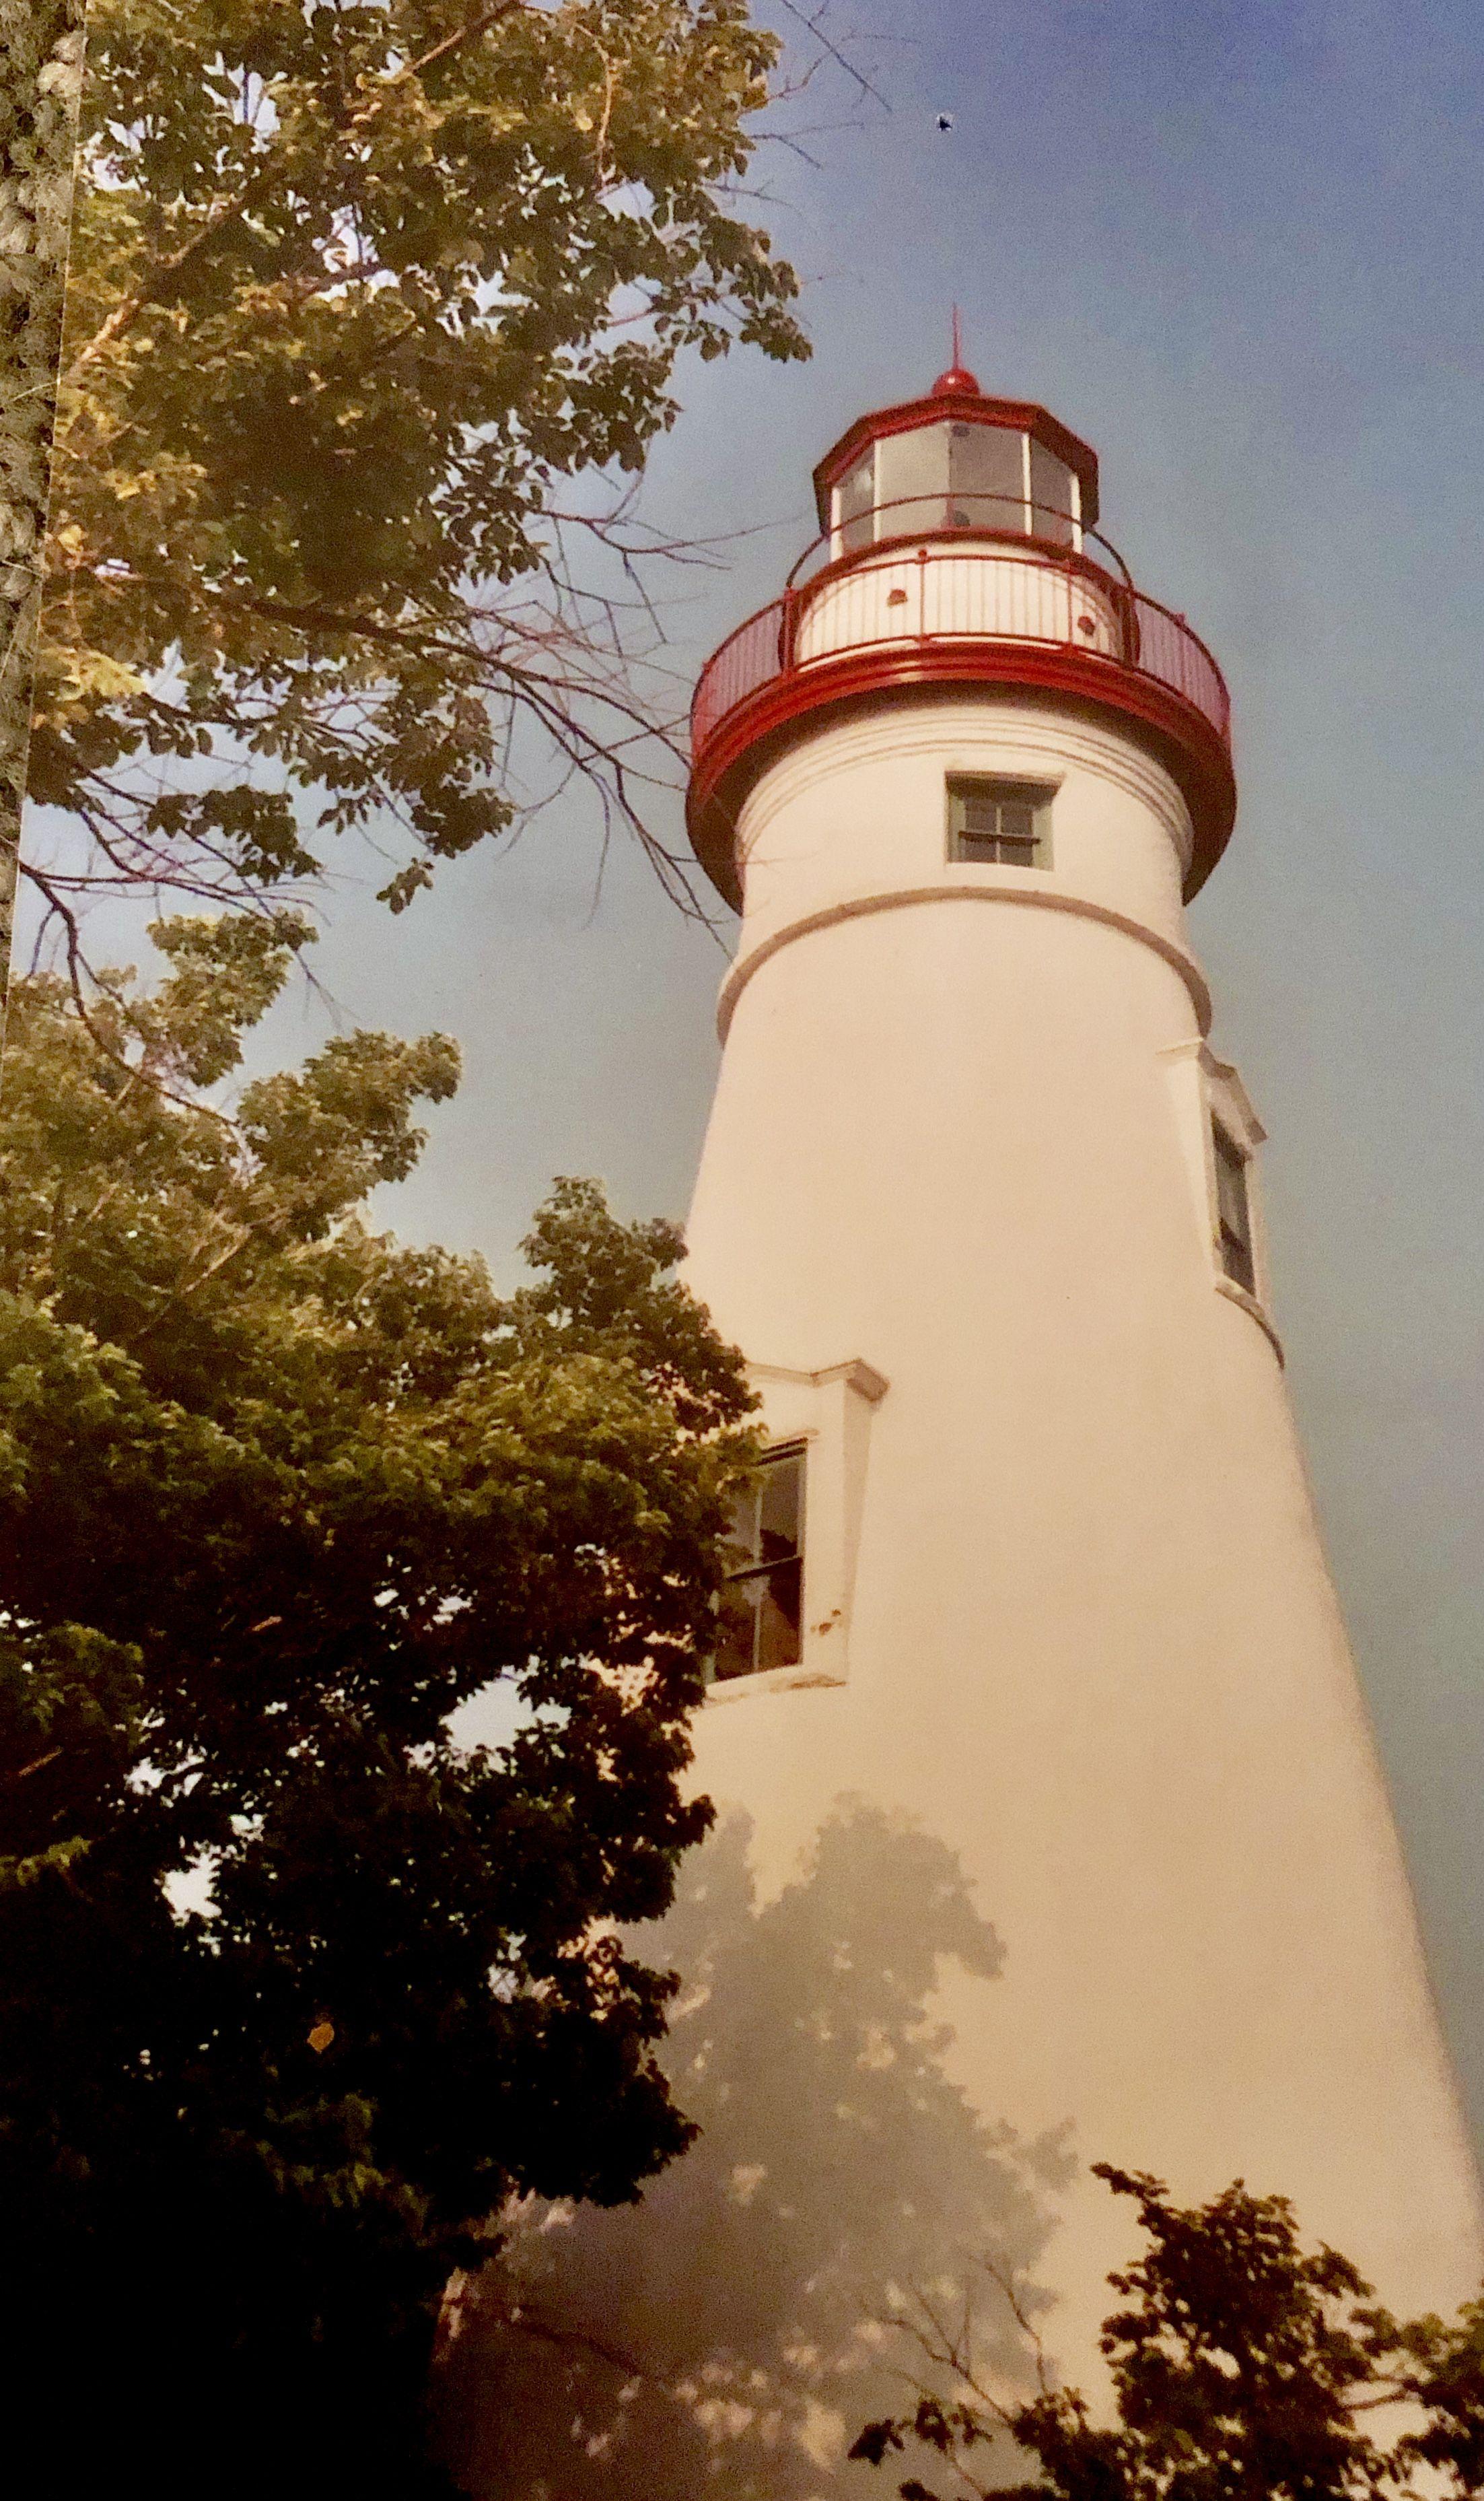 Marblehead Lighthouse, Marblehead, Ohio Marblehead